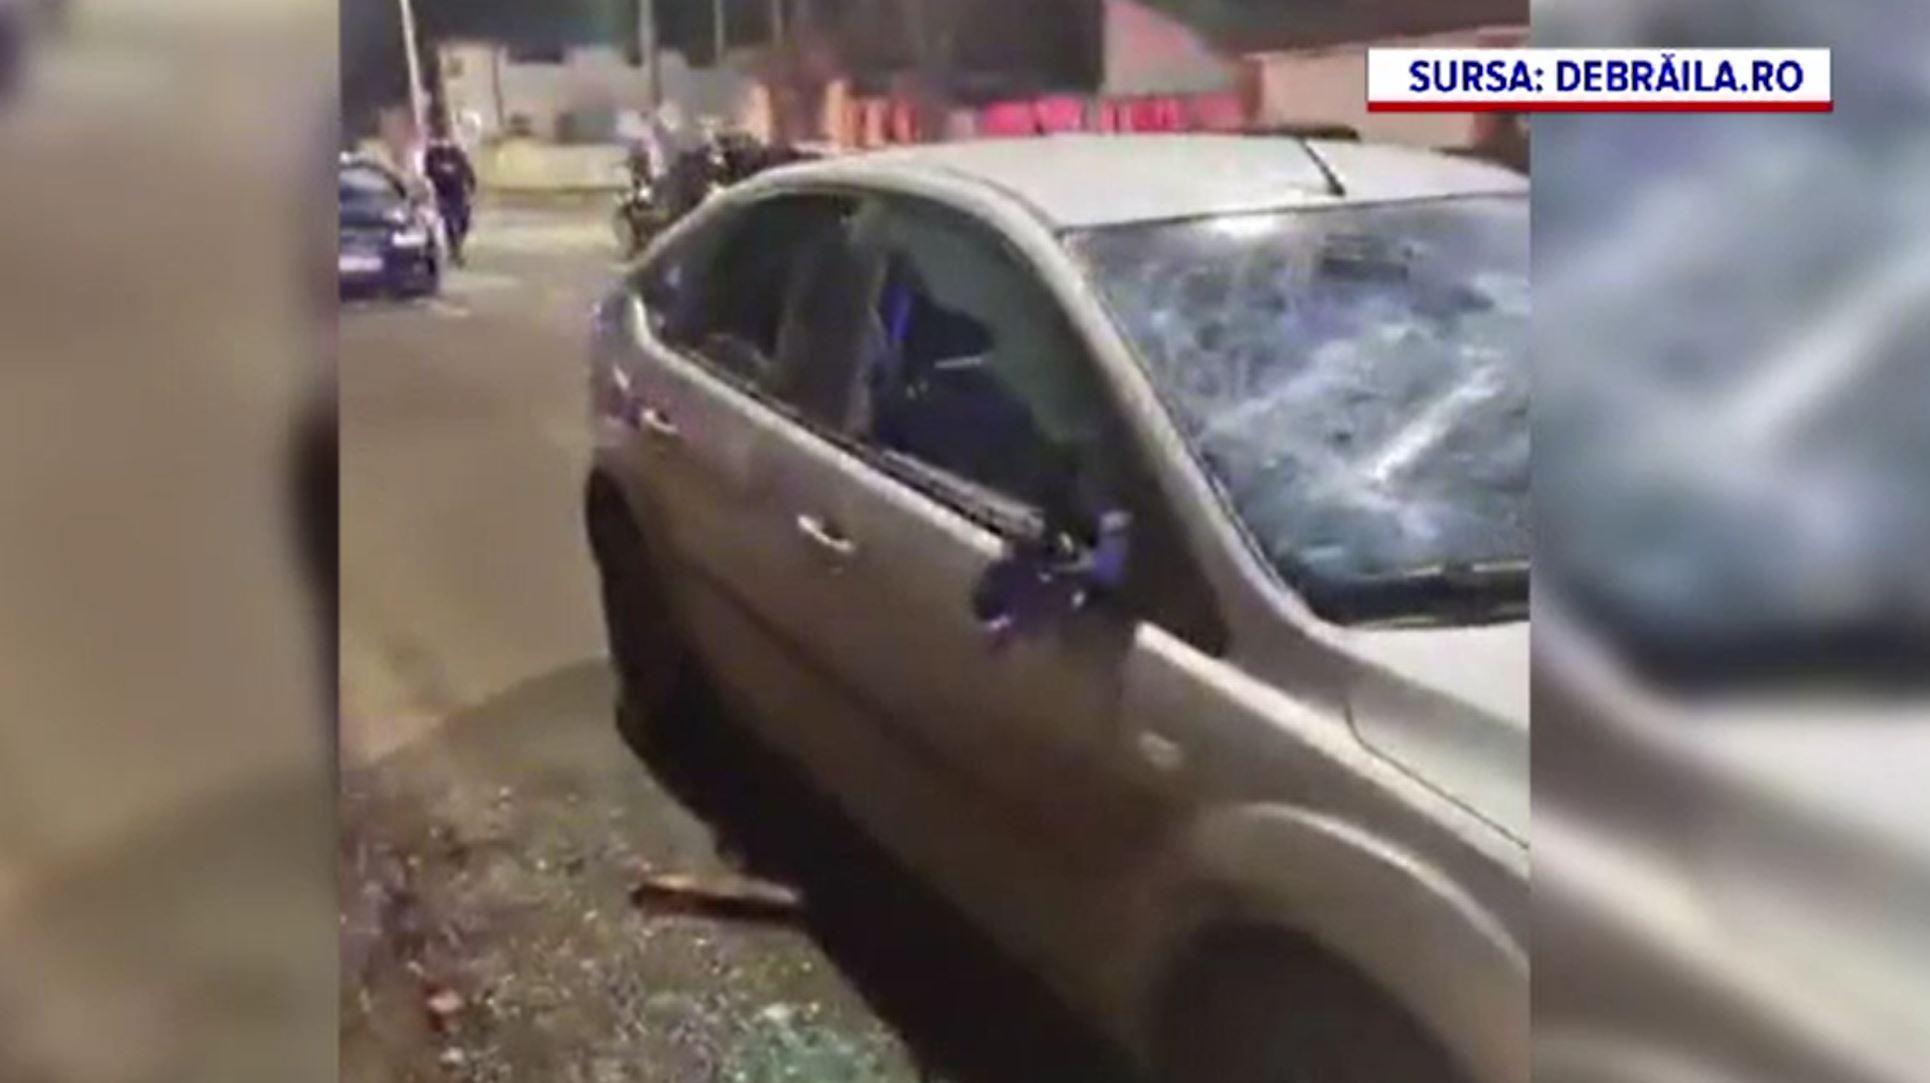 Scandal cu săbii și pietre în Brăila. Când a ajuns poliția, nu mai era nimeni la fața locului